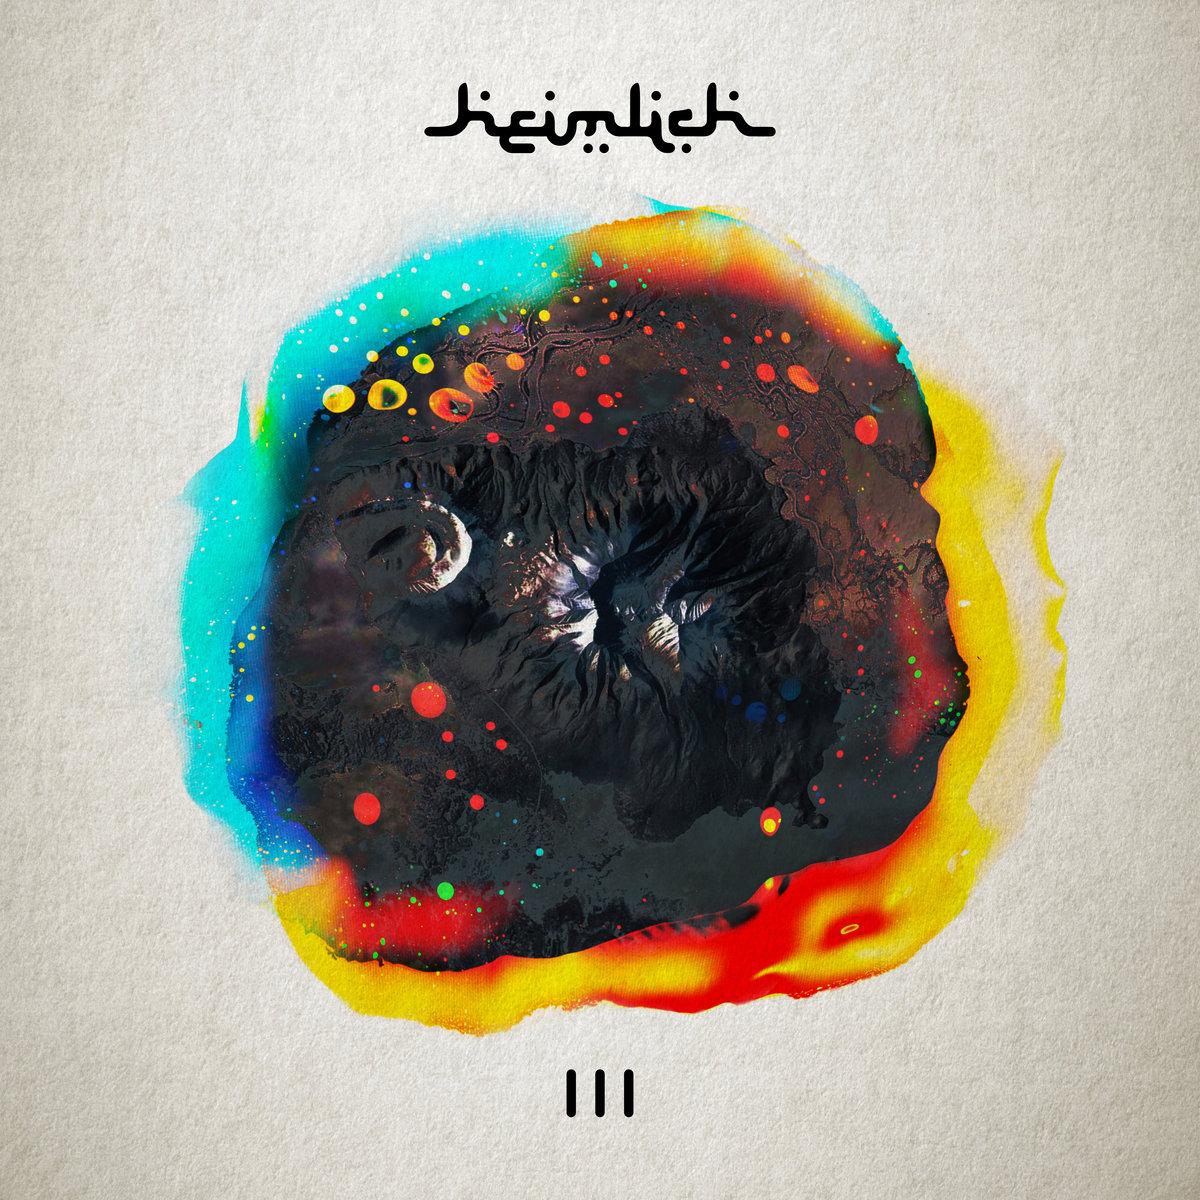 Various Artists - Heimlich III    06. Wille zum Wahnsinn - Mumu Duduk Seb Zillner   © 2018 Heimlich Musik  Listen on Spotify